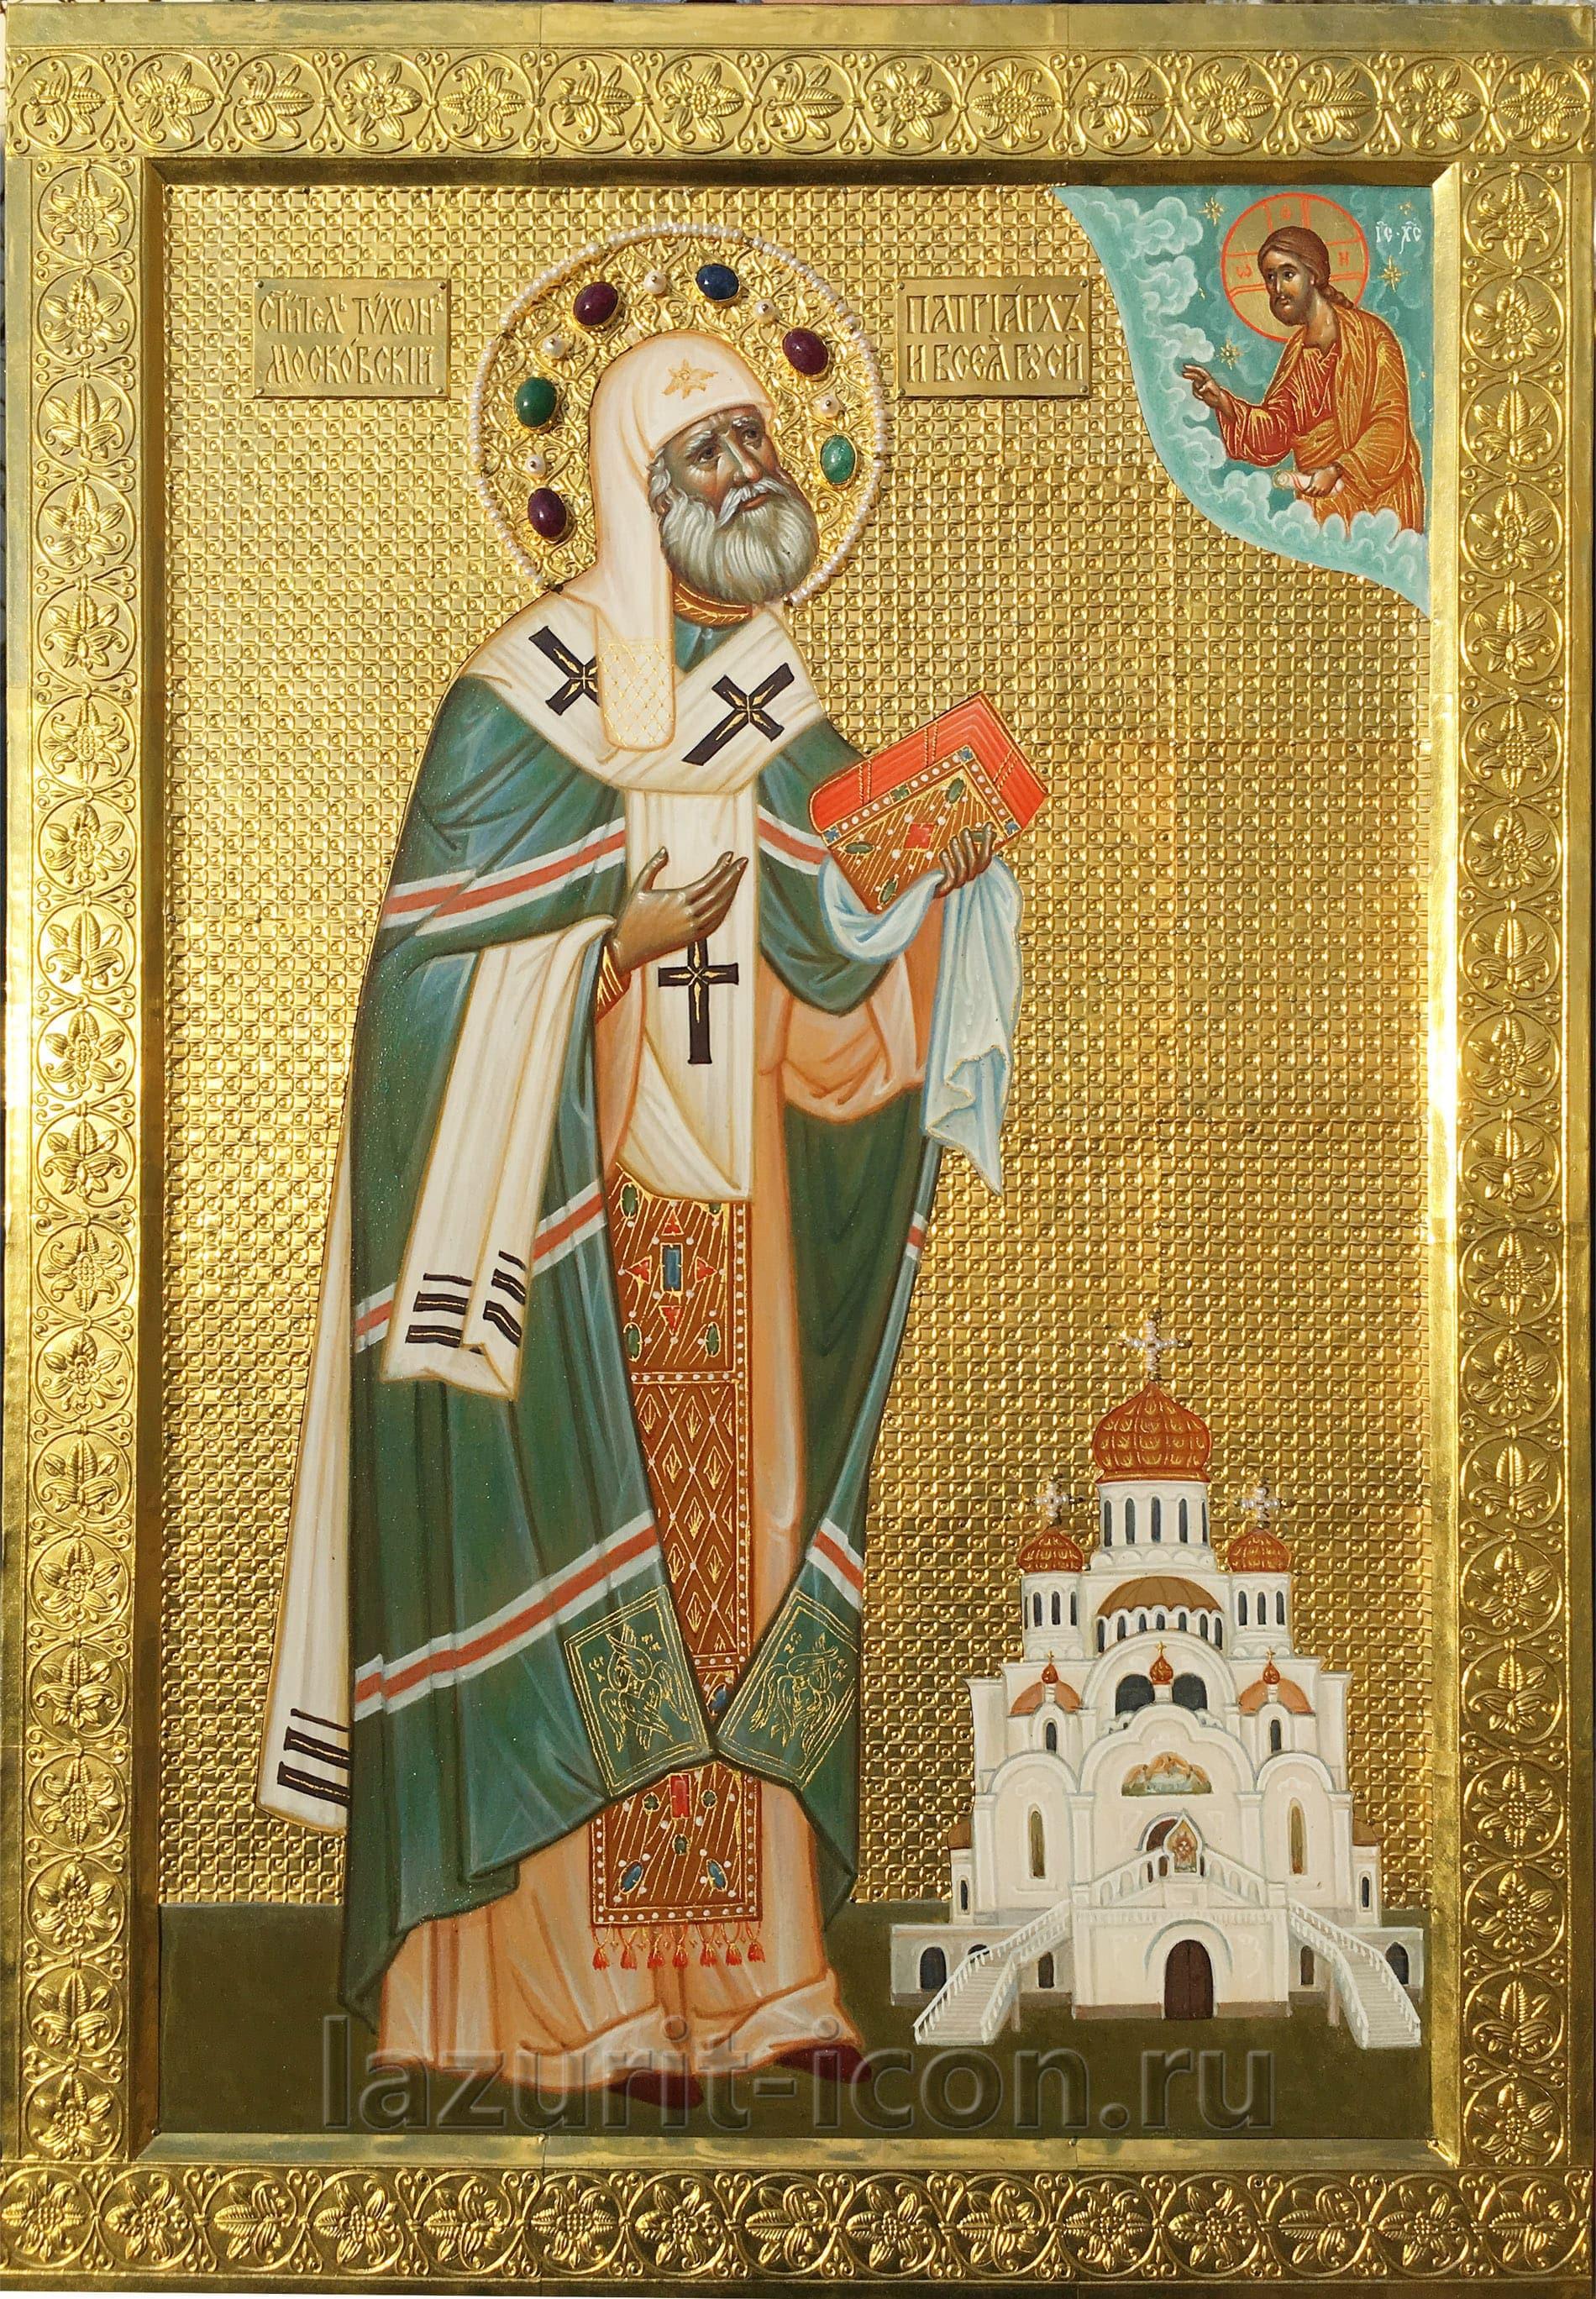 святитель Тихон патриарх Московский (совместно с ПСТГУ)